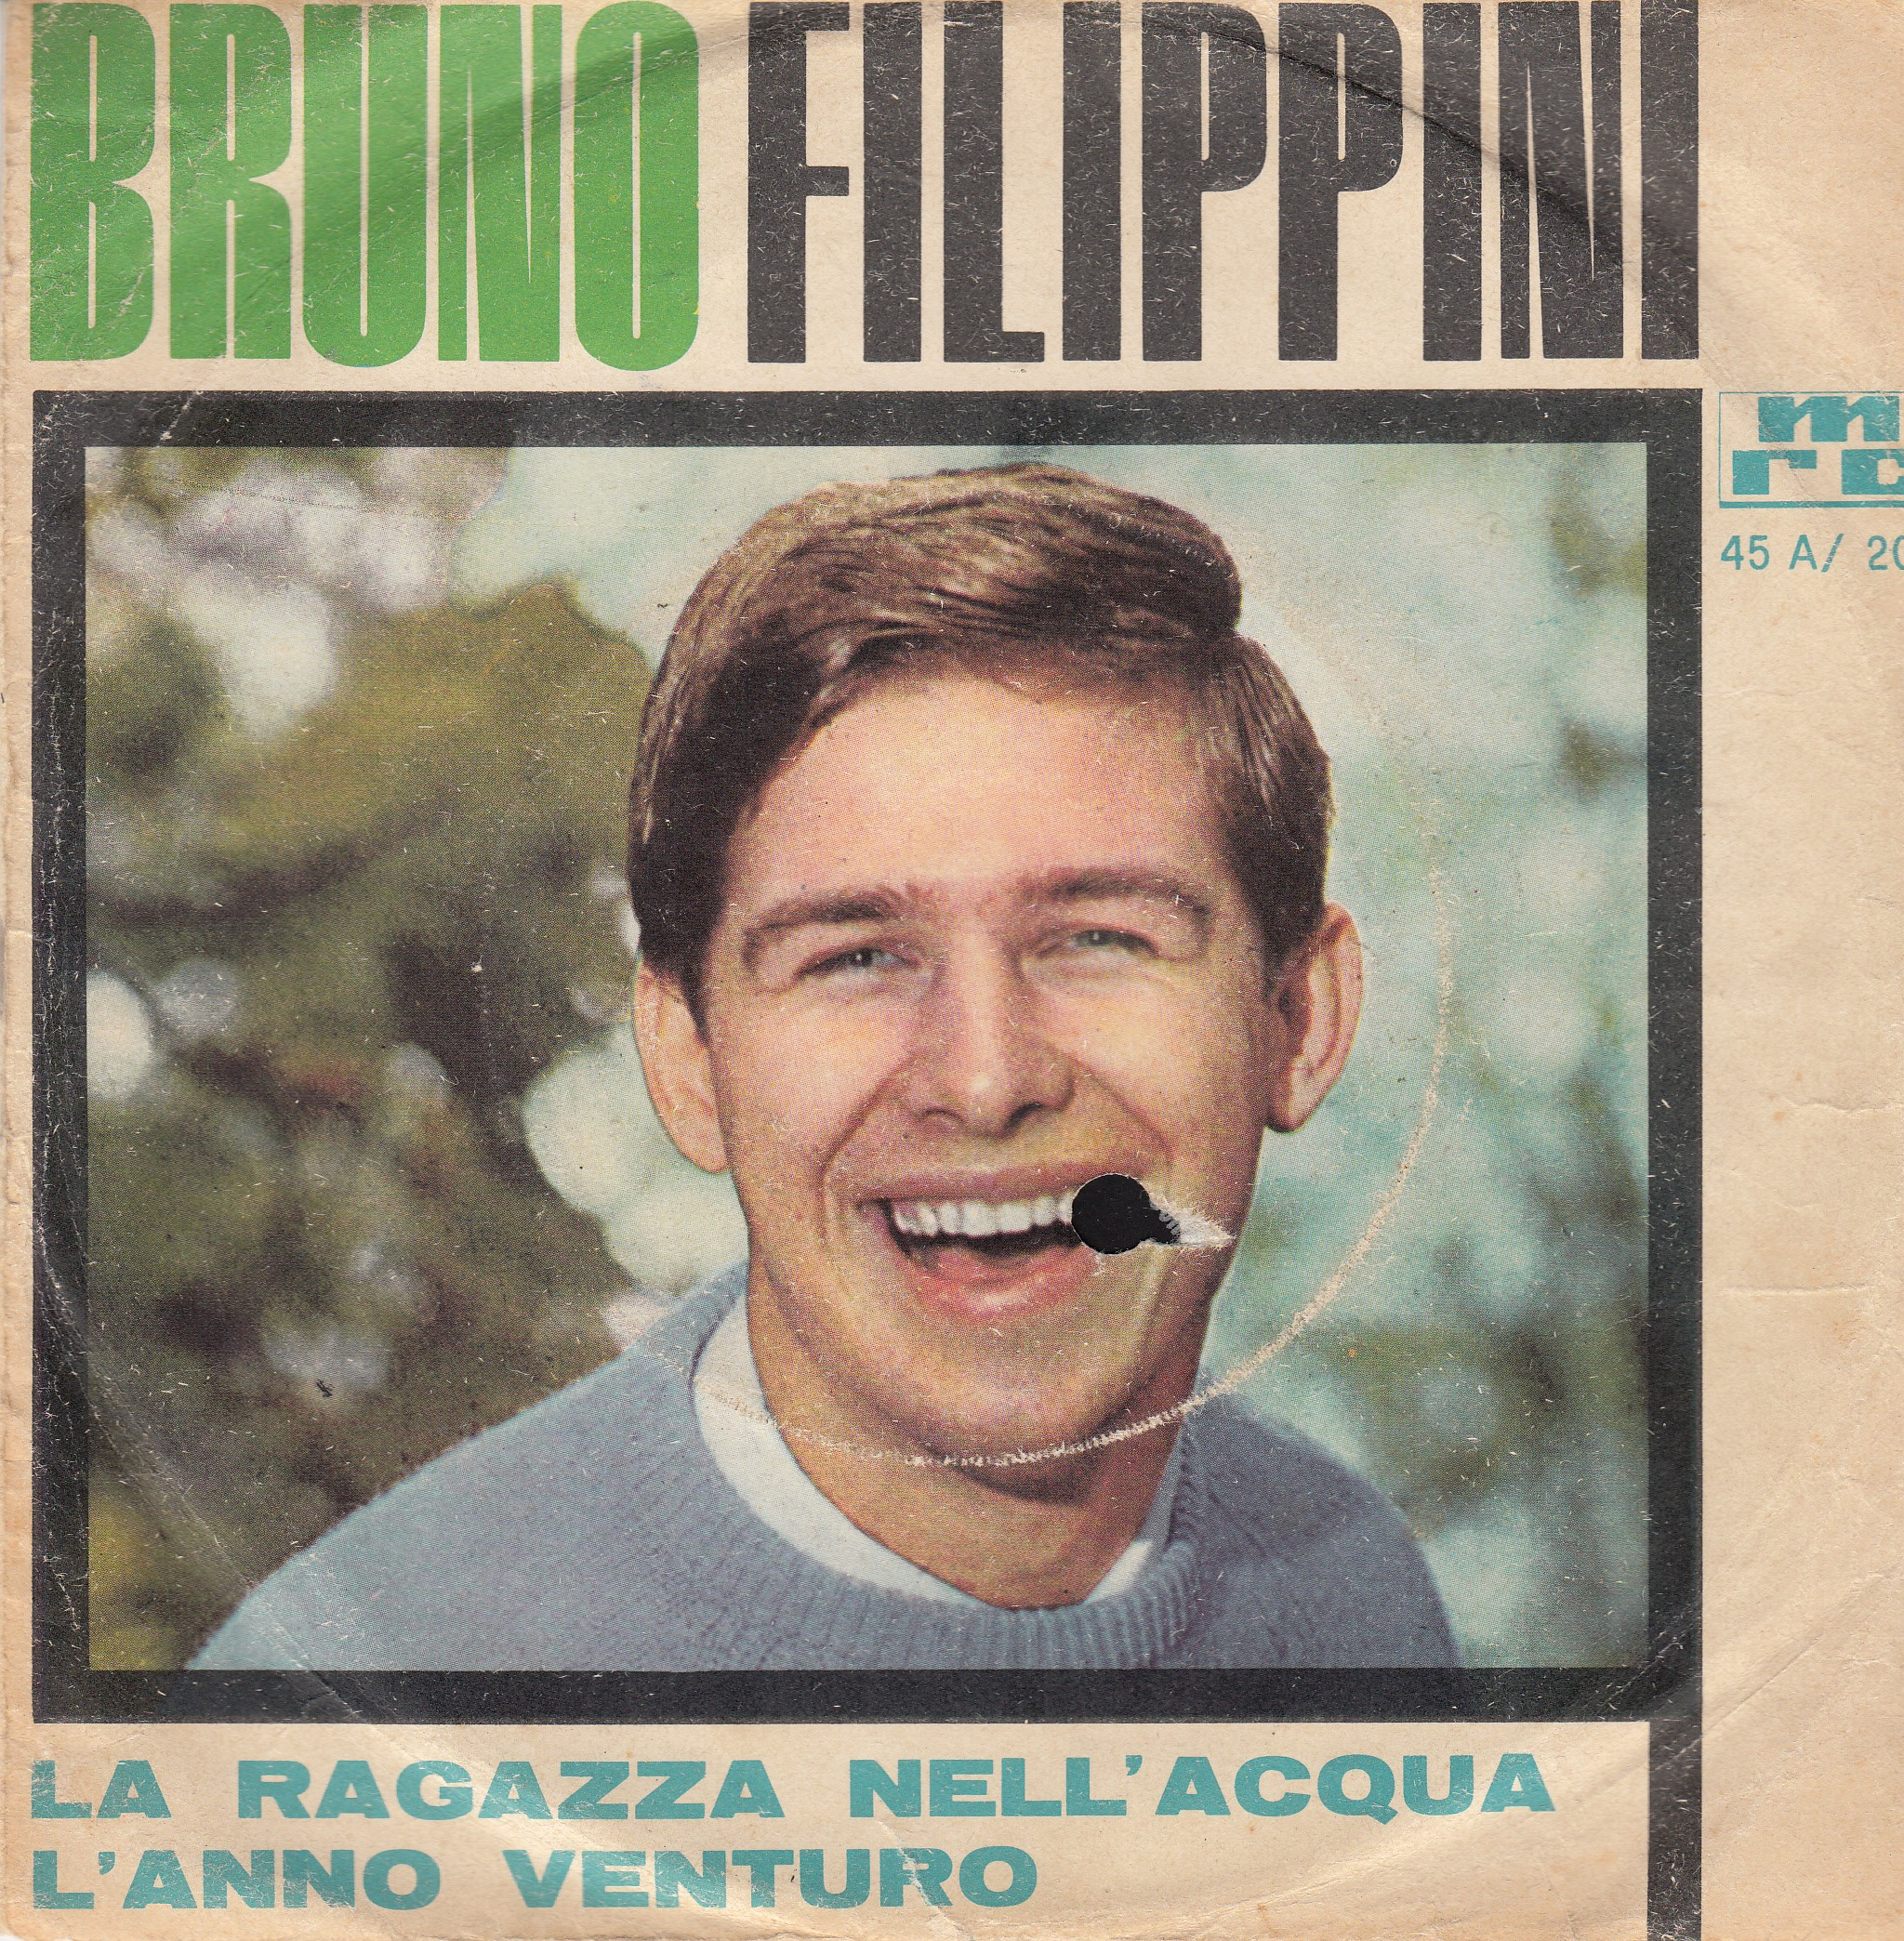 Filippini Bruno - La Ragazza Nellacqua/lanno Venturo